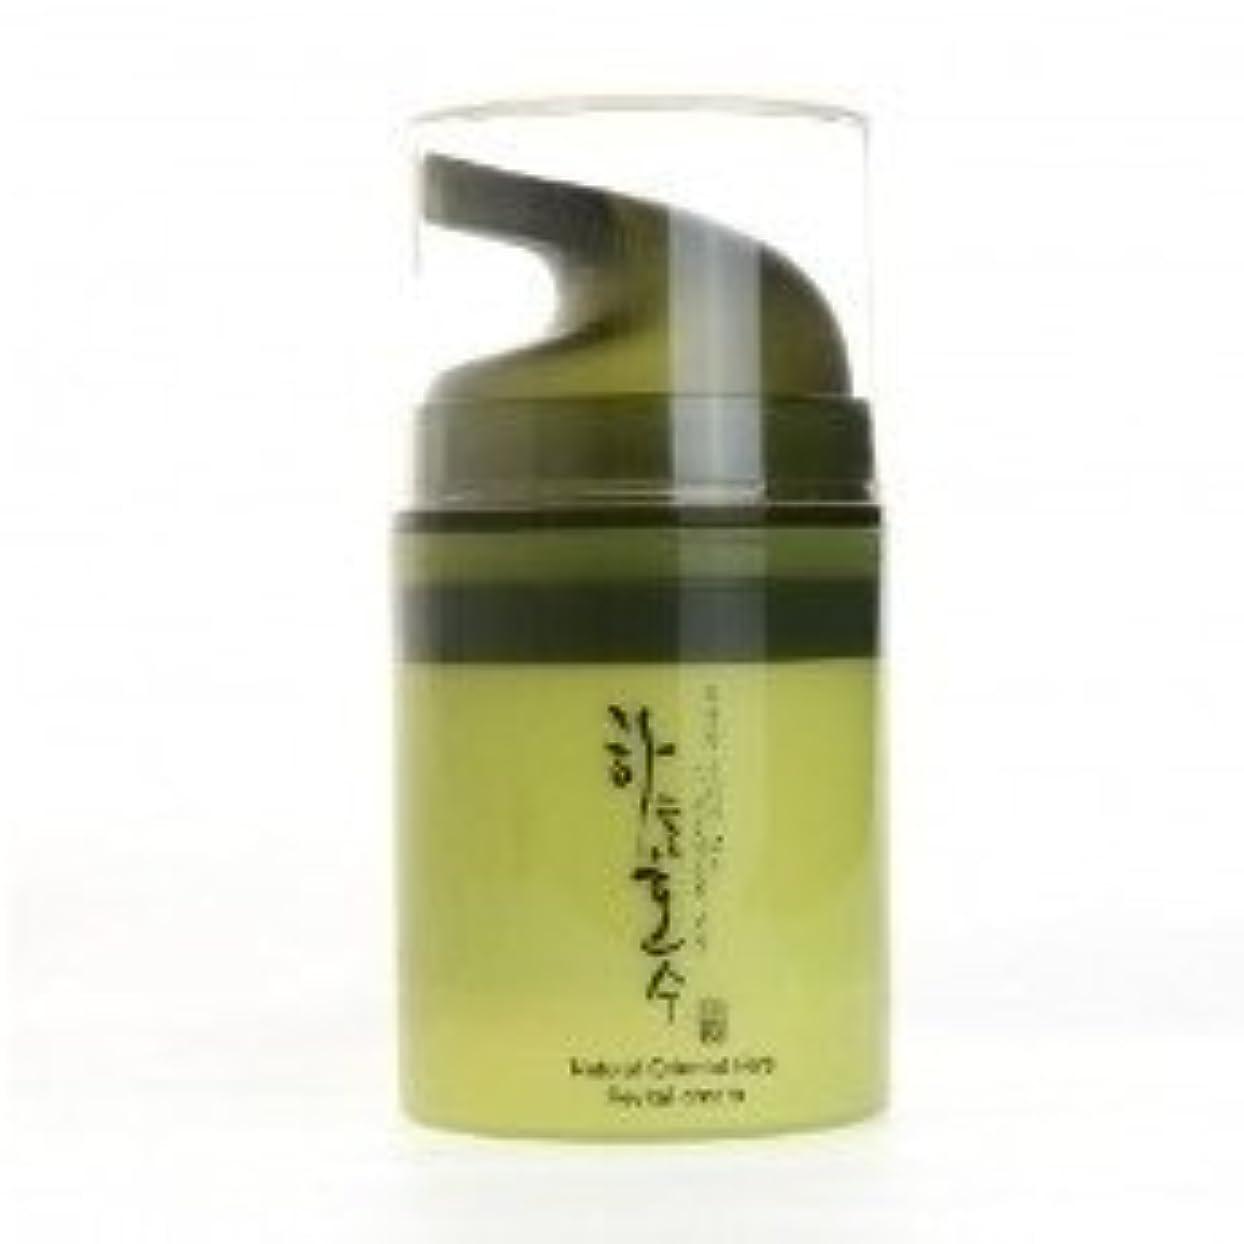 醜い絵ビジョンSkylake Natural Oriental Herb Revital Cream ハヌルホス ナチュラルオリエンタル ハーブリバイタルクリーム [並行輸入品]